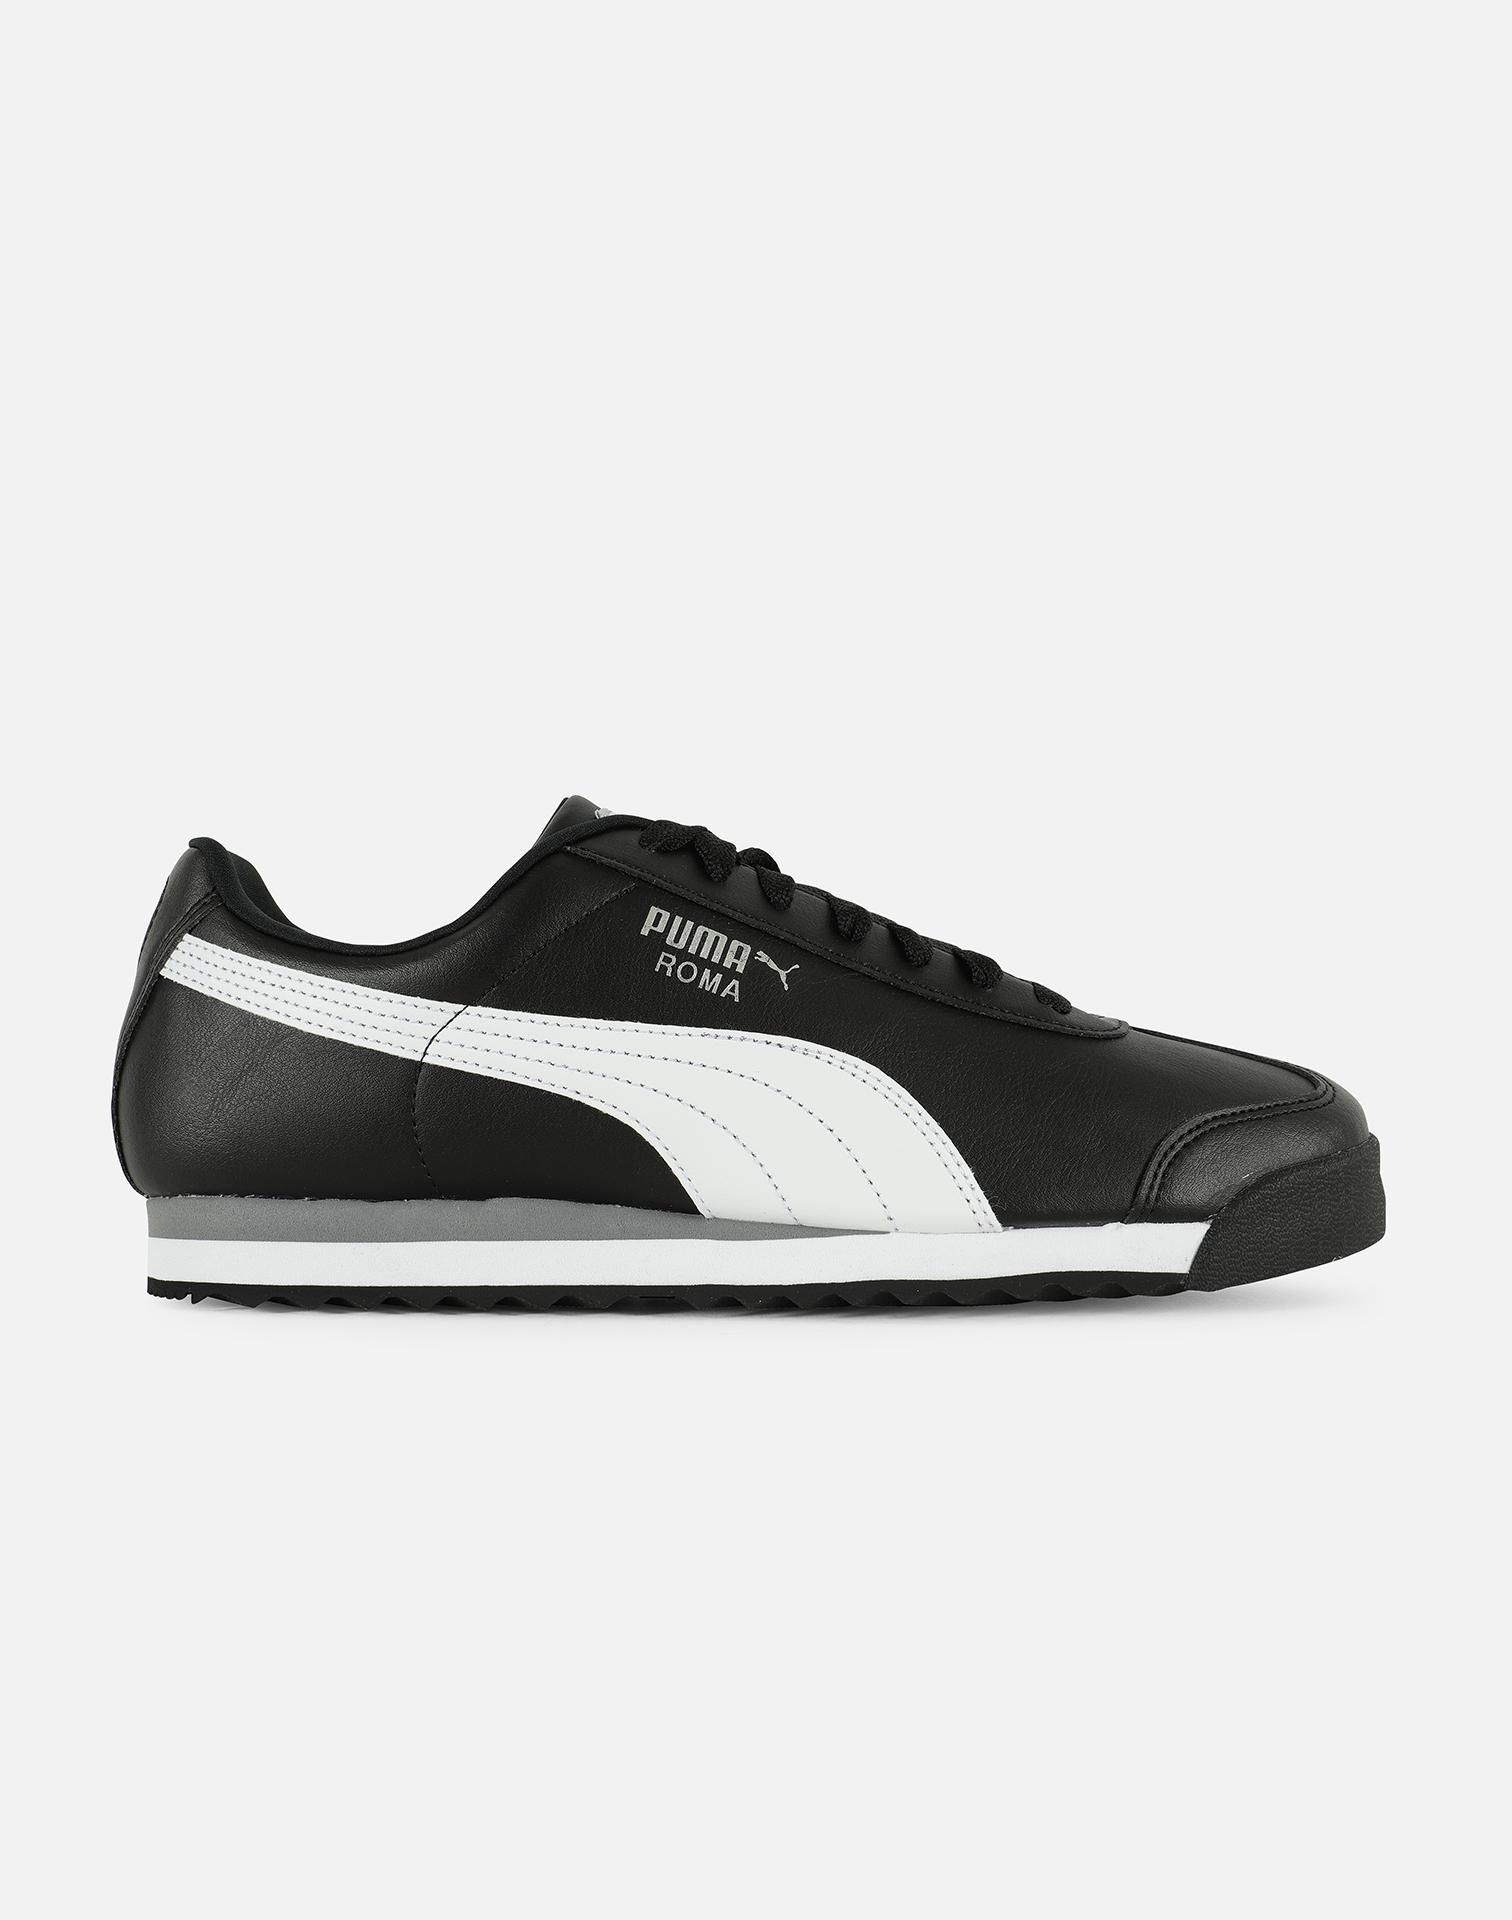 333928e30e51a0 Lyst - Puma Roma in Black for Men